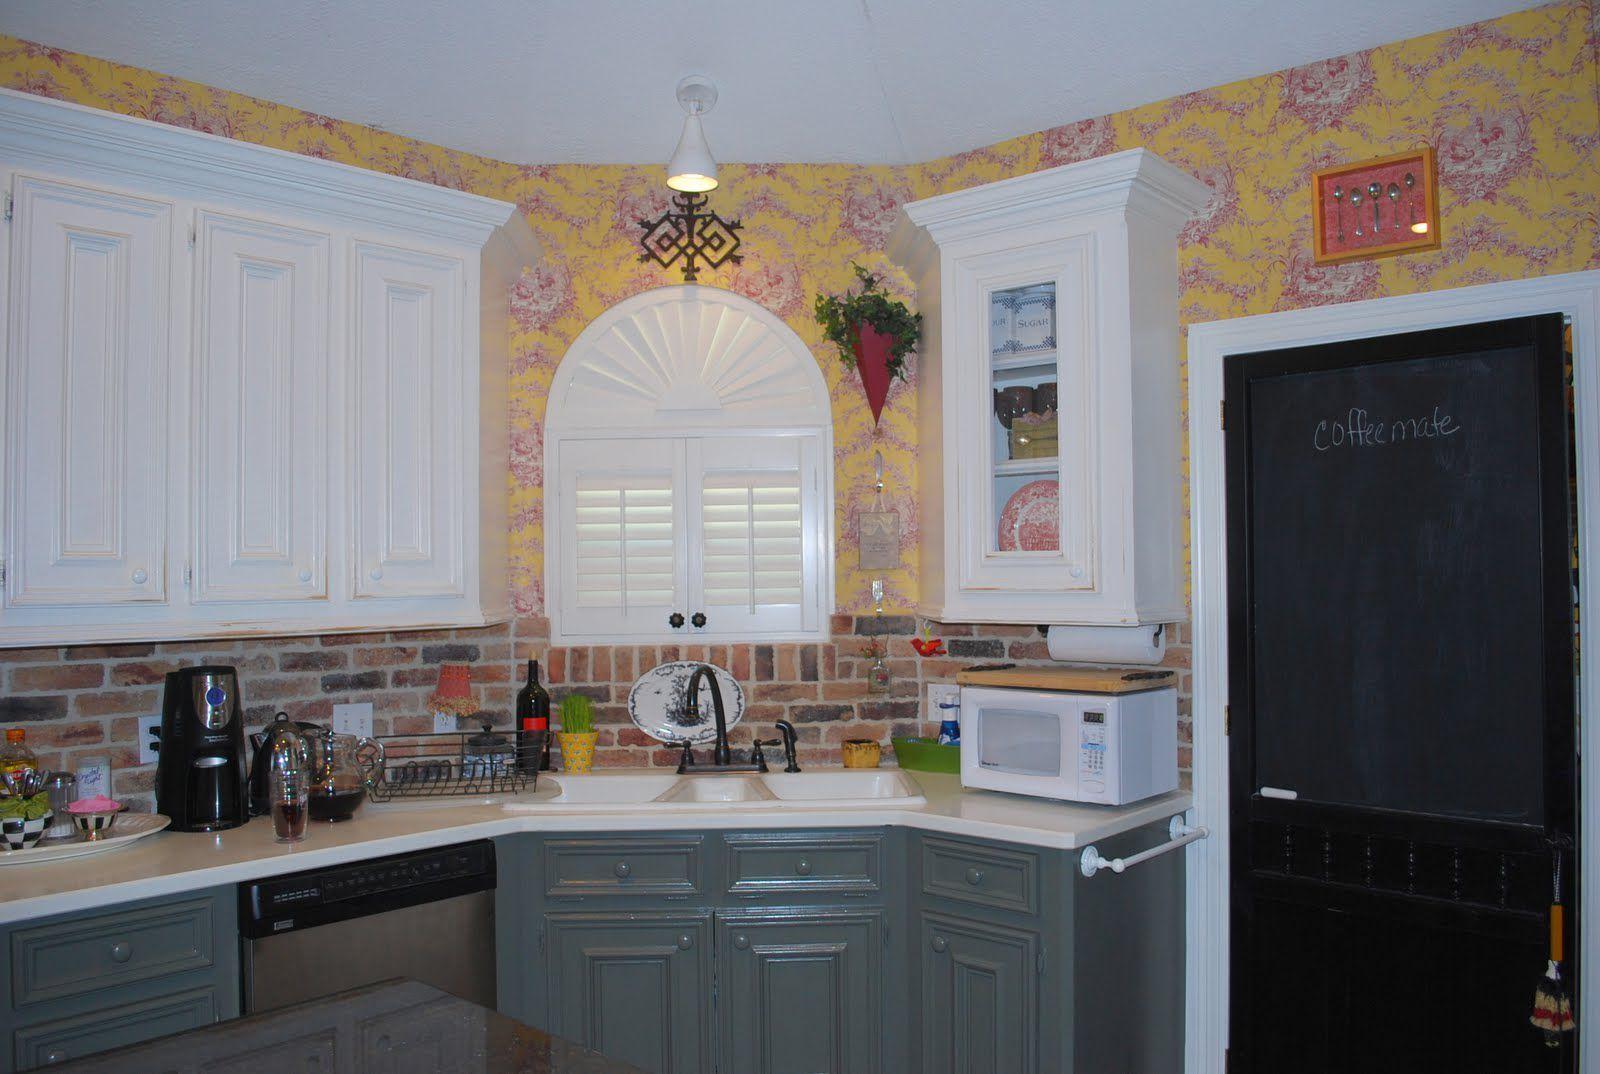 Quarz-küchendesign  beängstigend küche kabinette dunkel unten weiß oben bild design